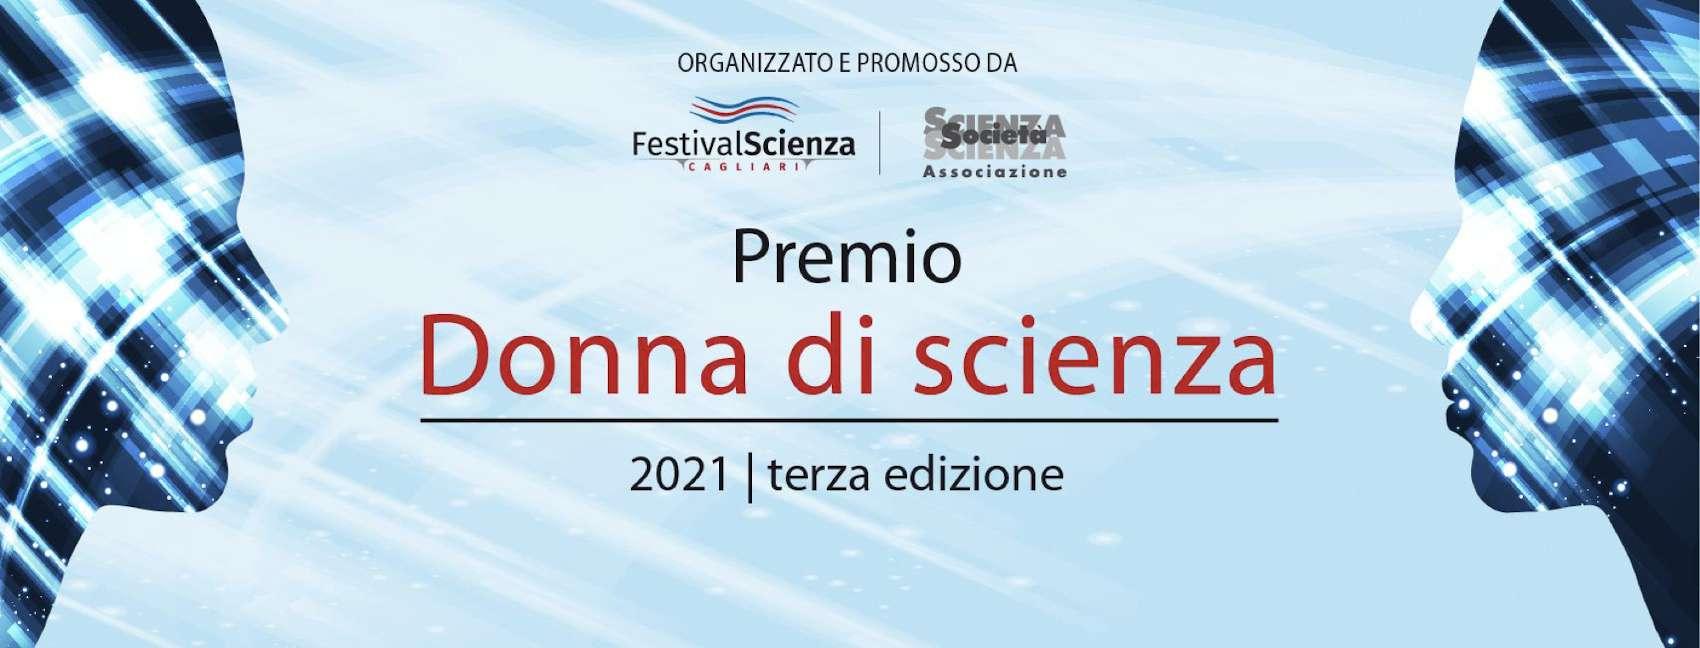 Premio Donna di scienza